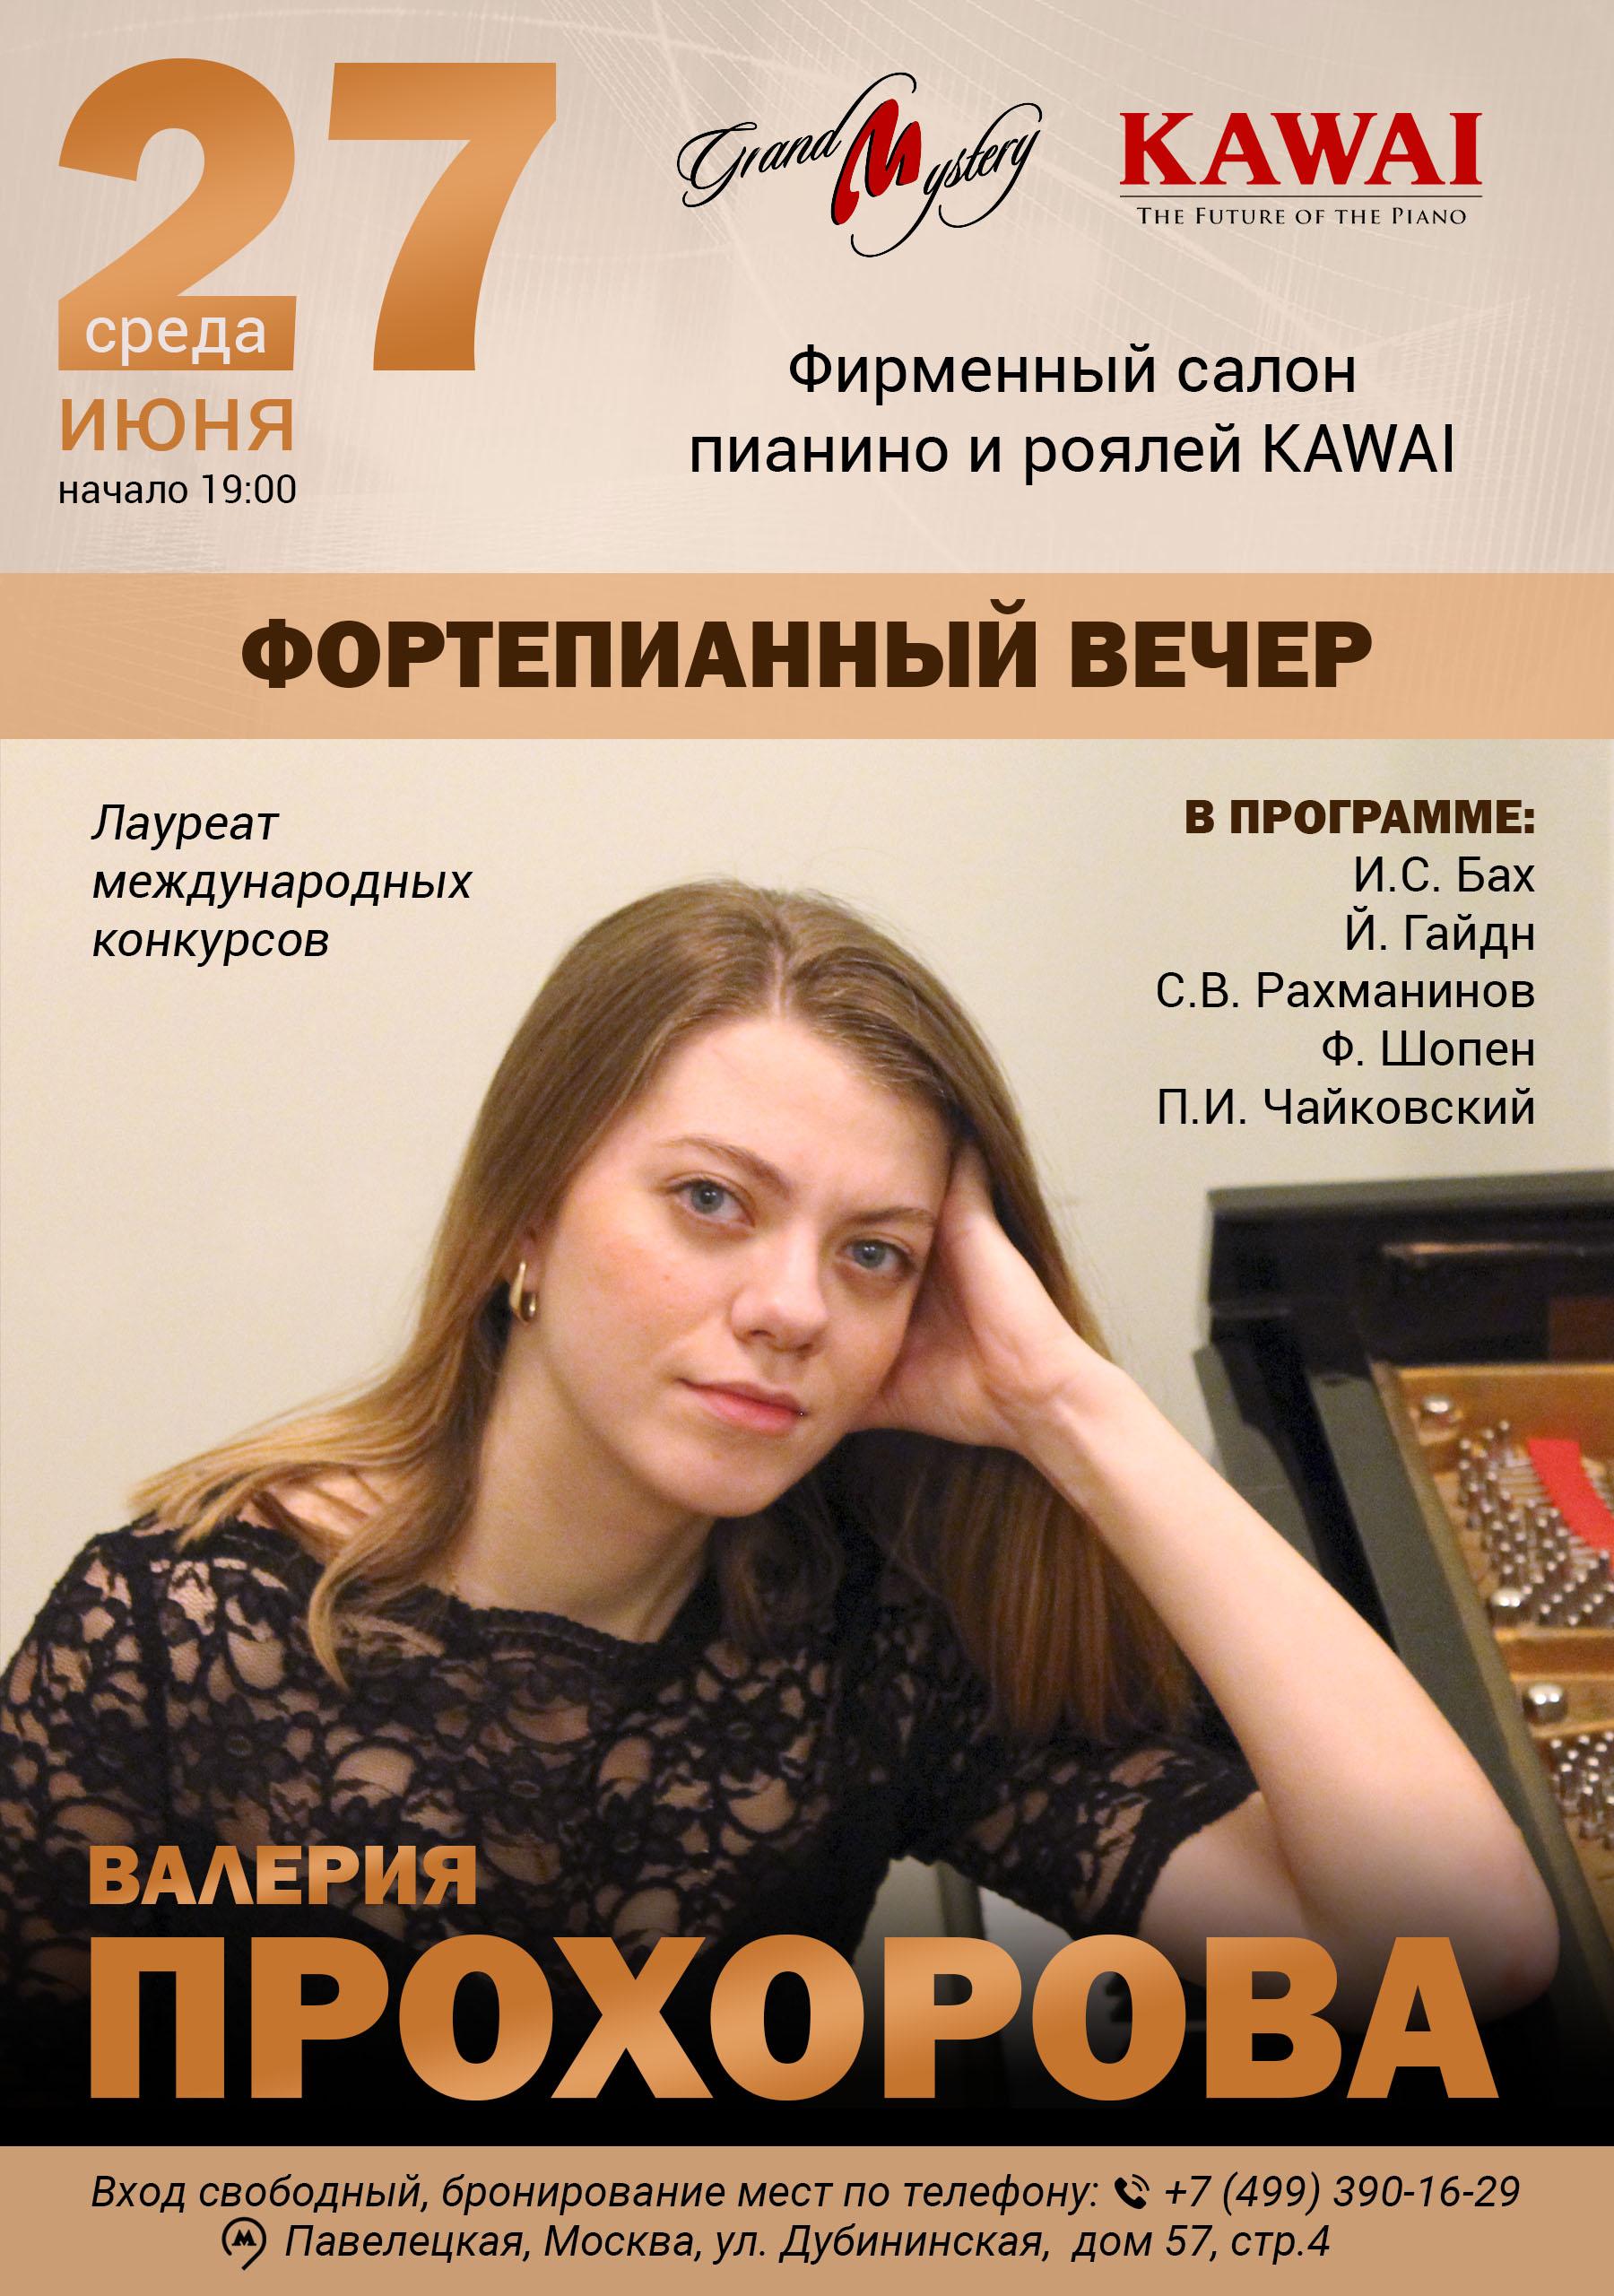 Фортепианный вечер